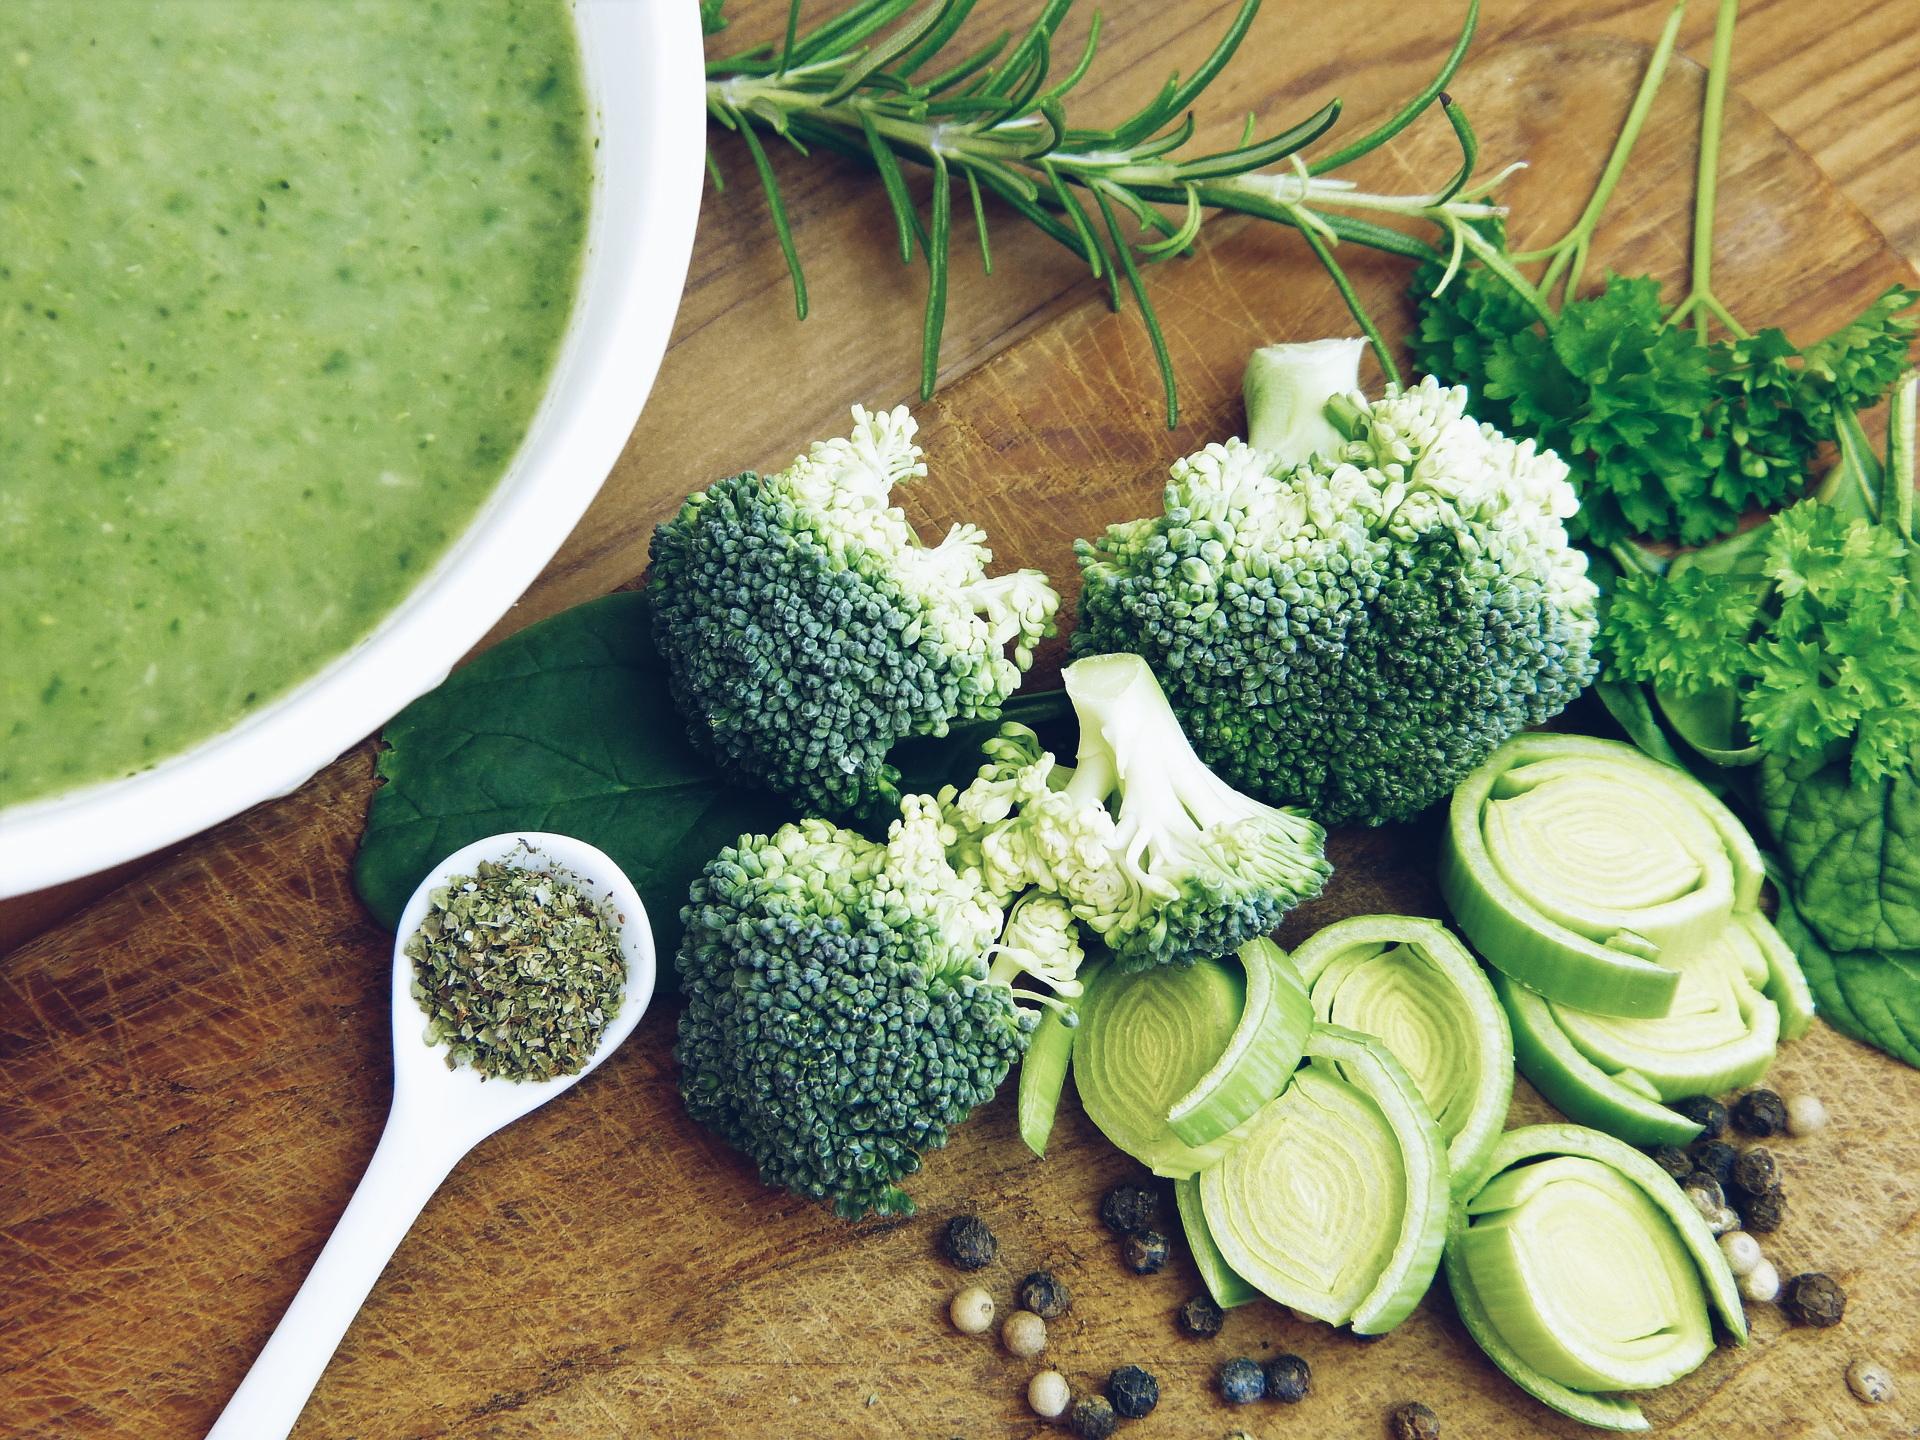 Grünes gemüse.jpg